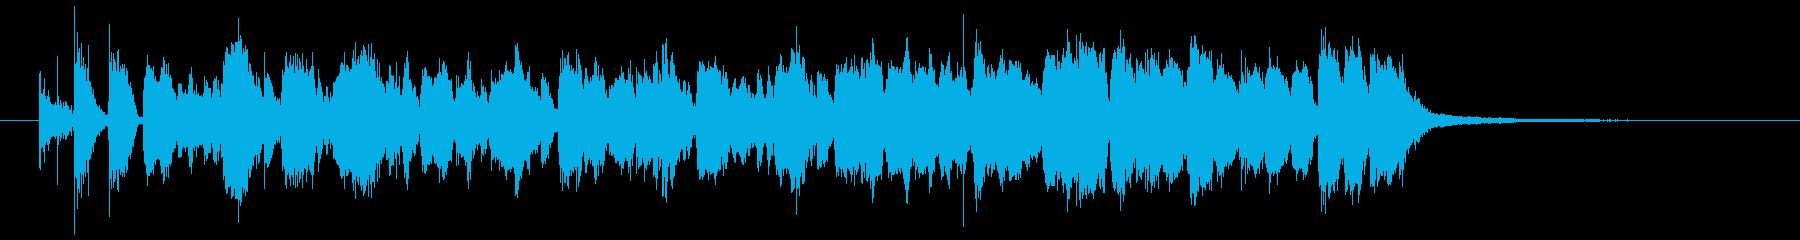 情熱大陸のOPのようなドキュメントBGMの再生済みの波形